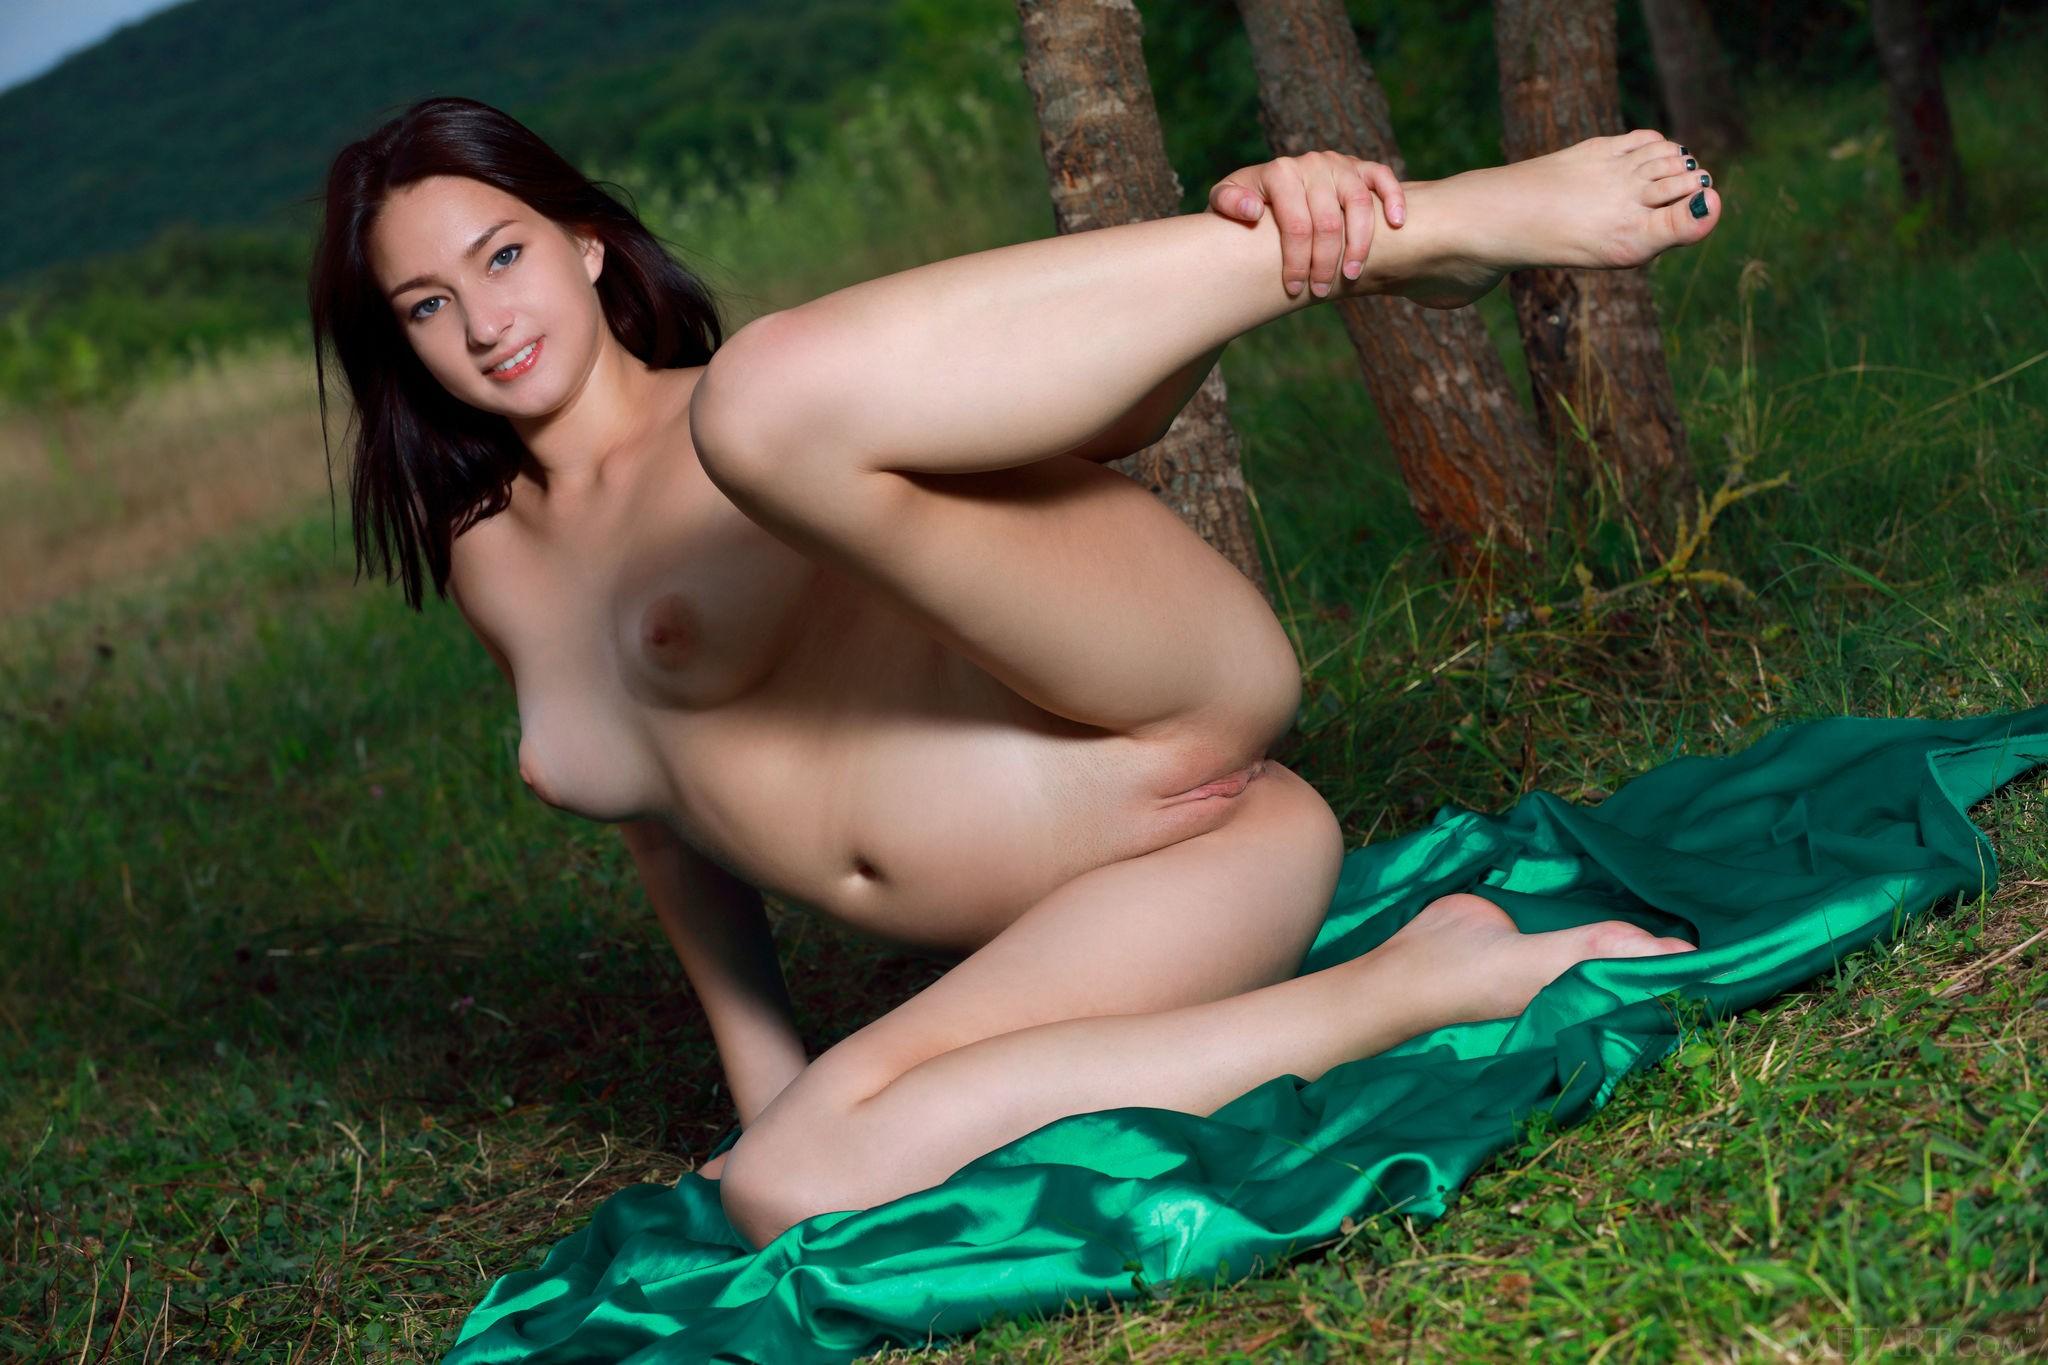 Сексуальная молодая модель раздевается на природе - фото